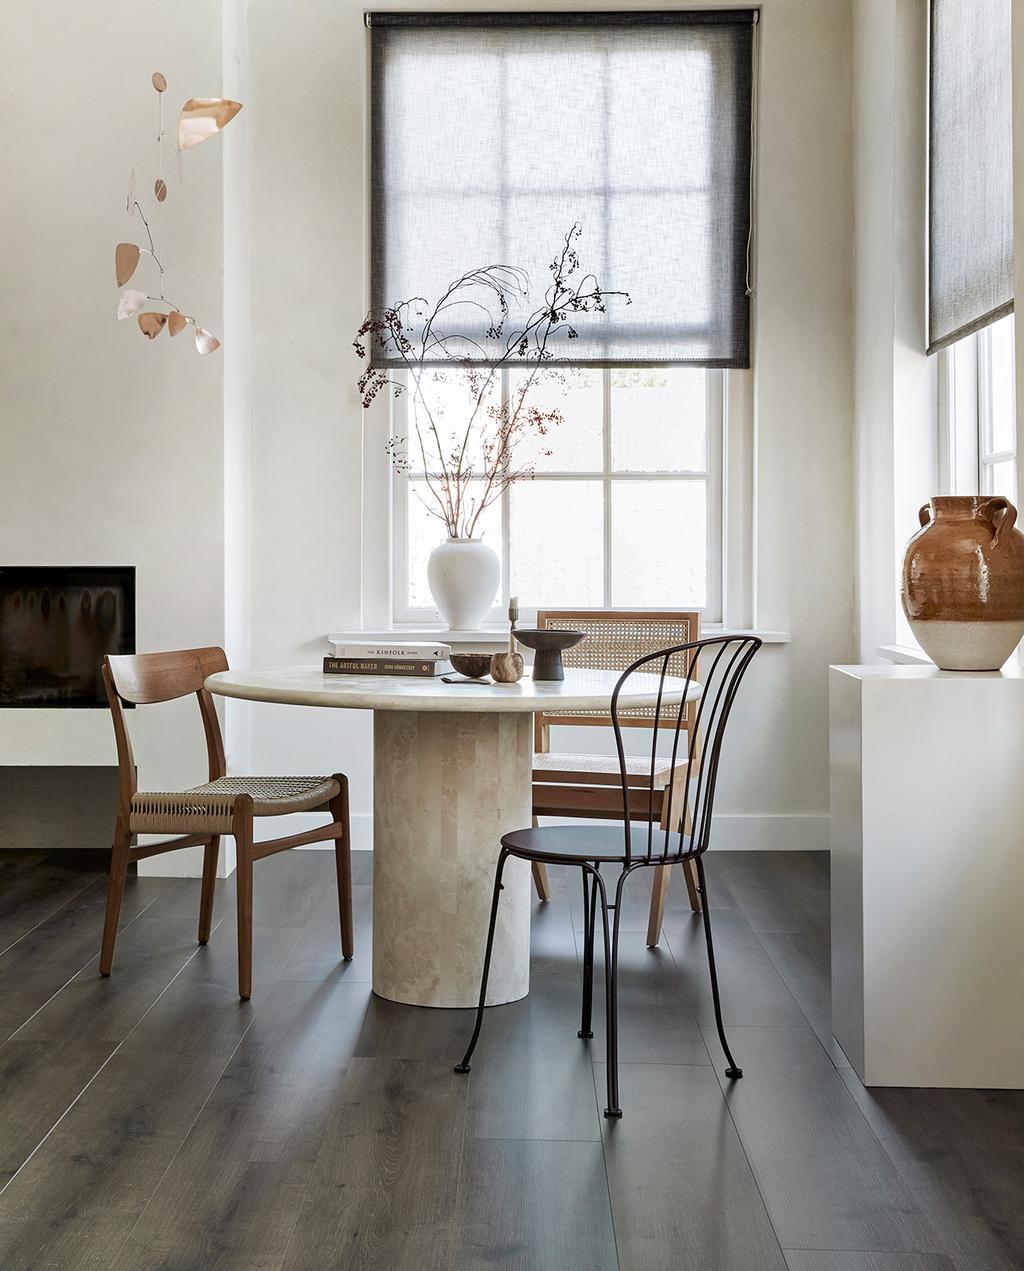 vtwonen 08-2021 | ronde tafel met verschillende stoelen